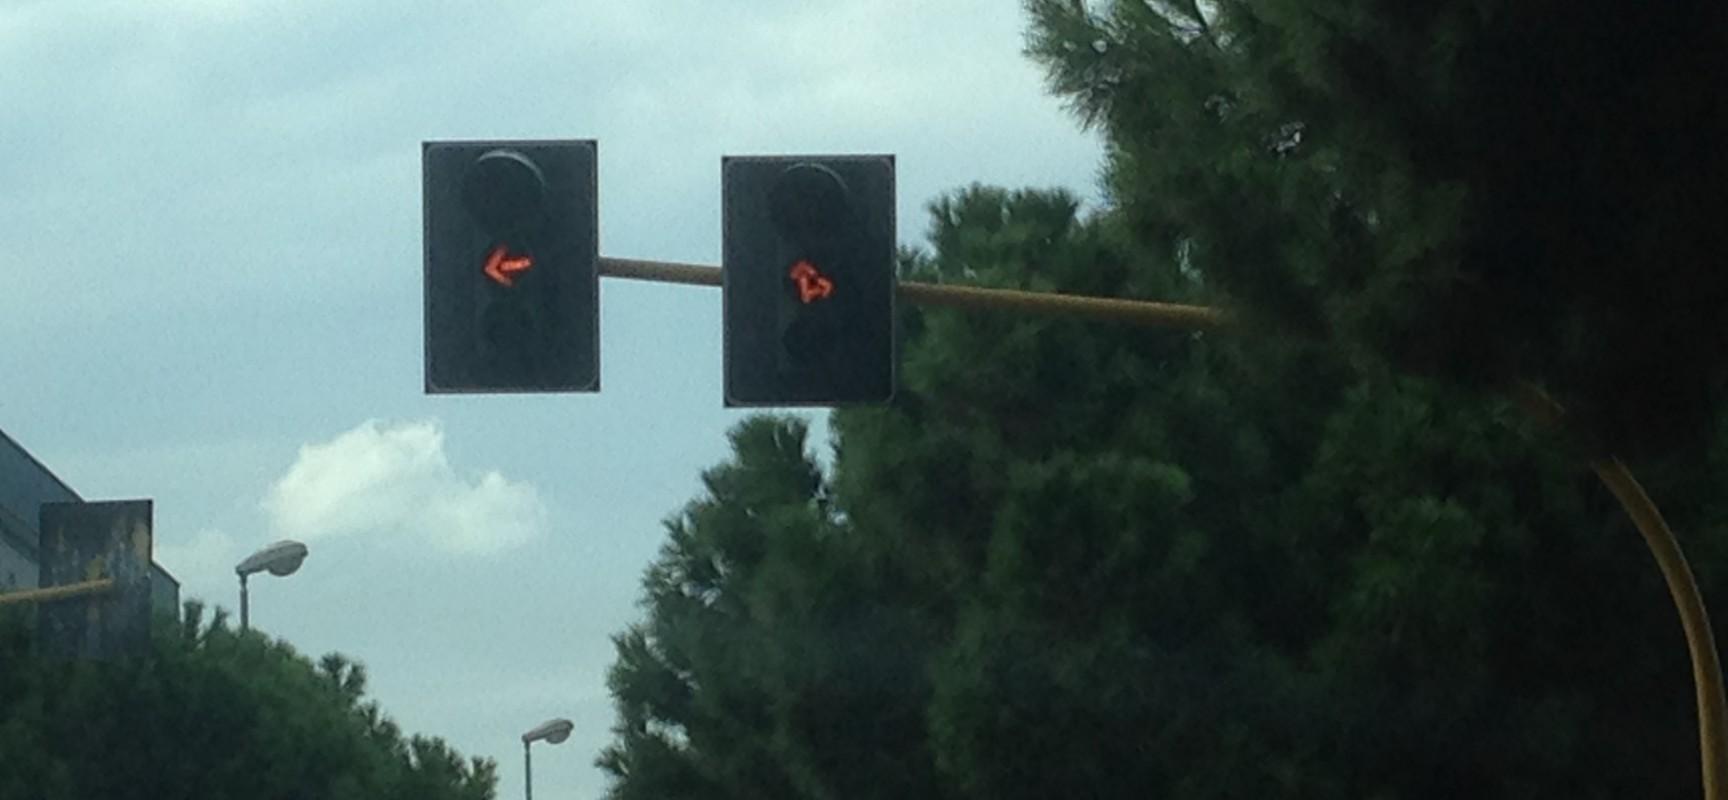 Guasto da tre giorni il semaforo di Via Pozzo Marrone